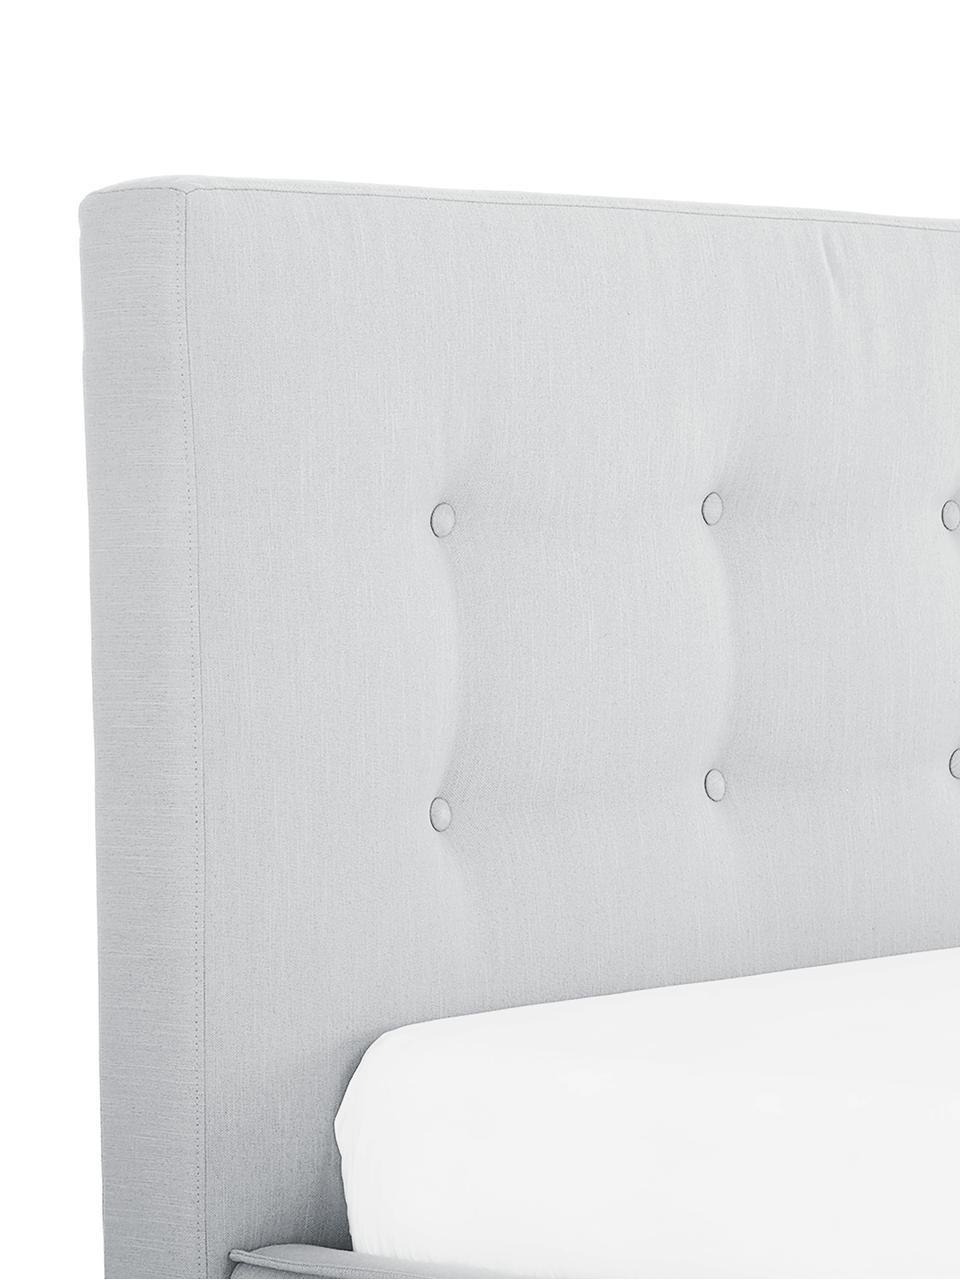 Łóżko tapicerowane Moon, Korpus: lite drewno sosnowe, Nogi: lite drewno dębowe, Tapicerka: poliester (materiał tekst, Jasny szary, 160 x 200 cm